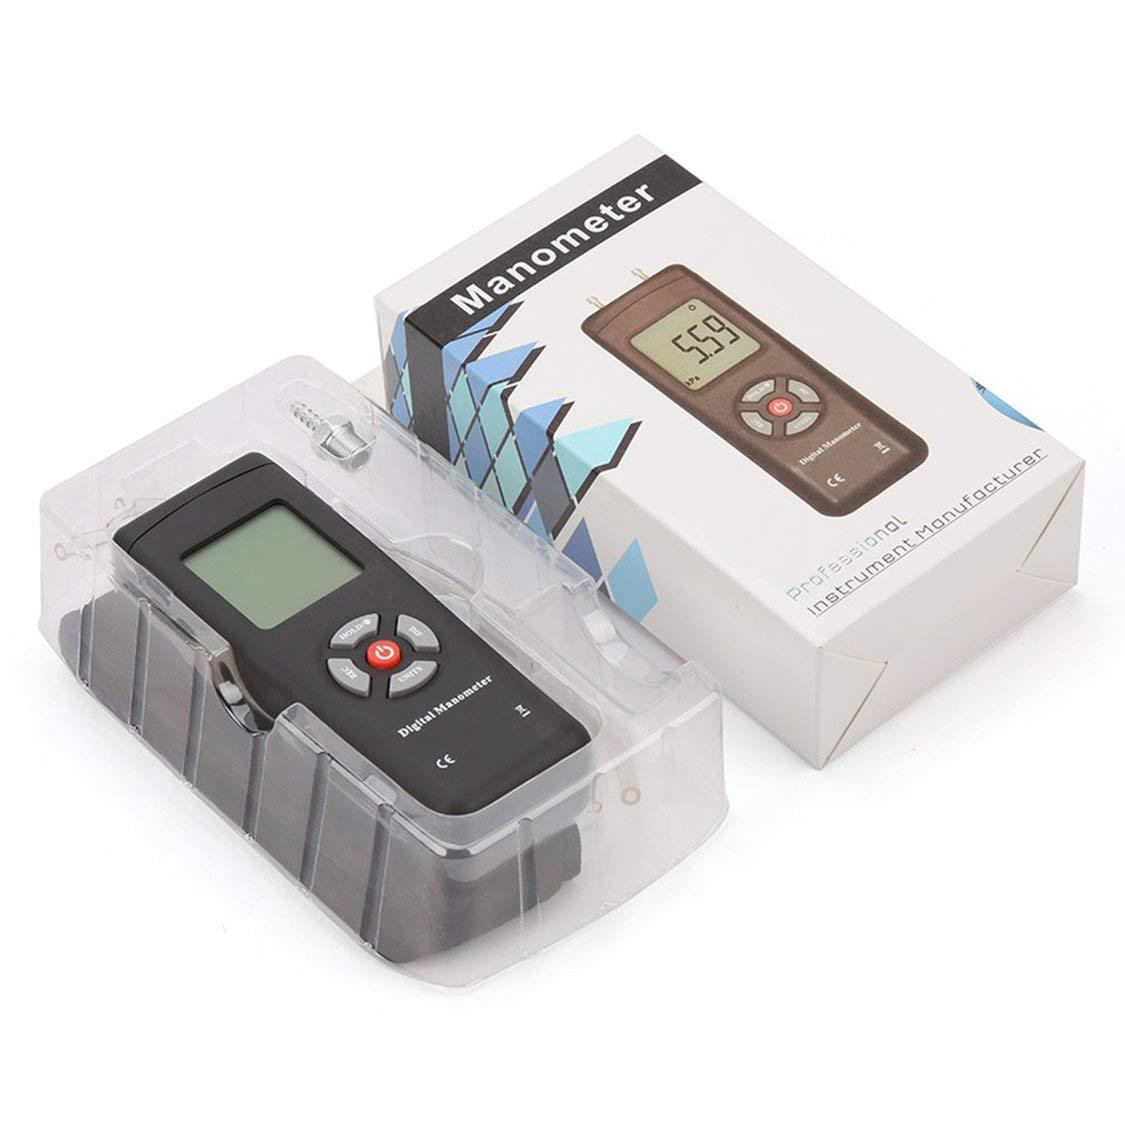 TL-100 Digital Manometer Luftdruckmessger/ät Tragbare Manometer U-Typ Differenzdruckmessger/ät Schwarz